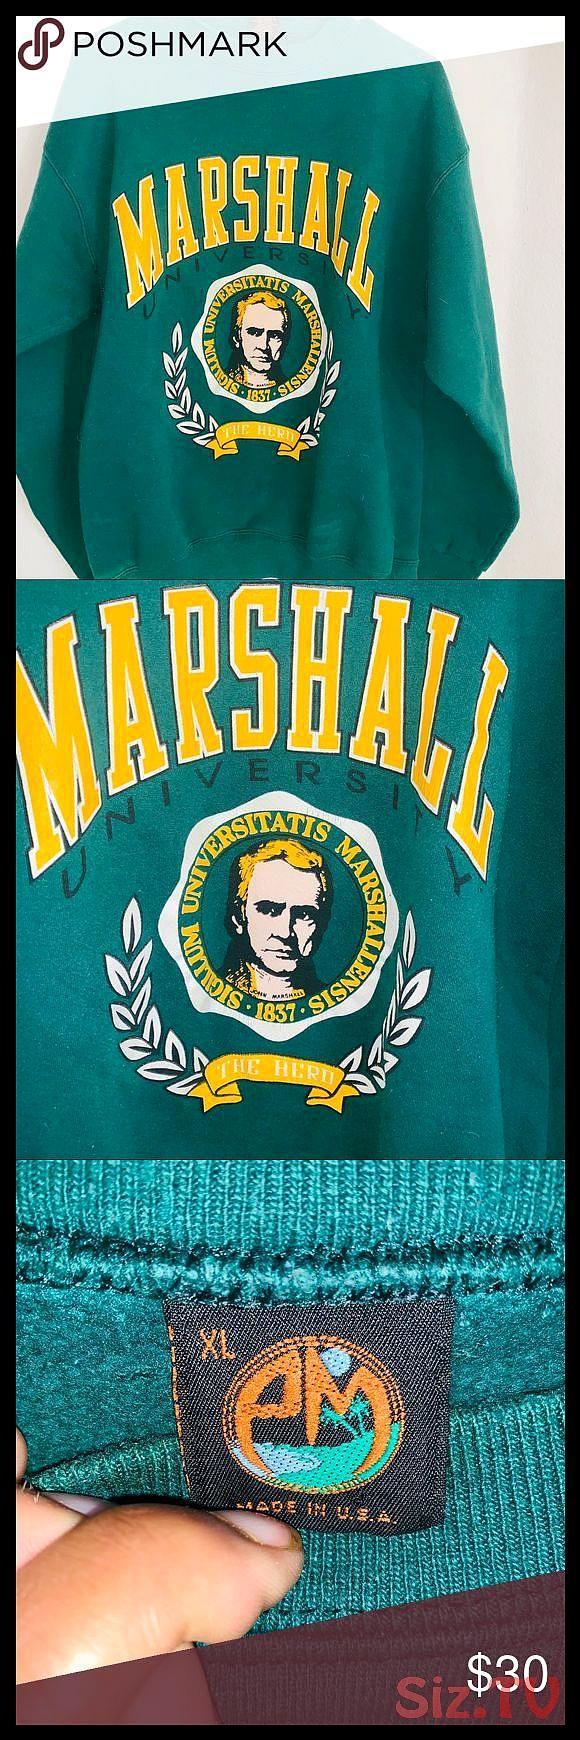 Vintage Marshall University Sweatshirt Green Sweatshirt With Yellow Writing John Marshalls Picture Is On It Sweatshirts Green Sweatshirt University Sweatshirts [ 1740 x 580 Pixel ]